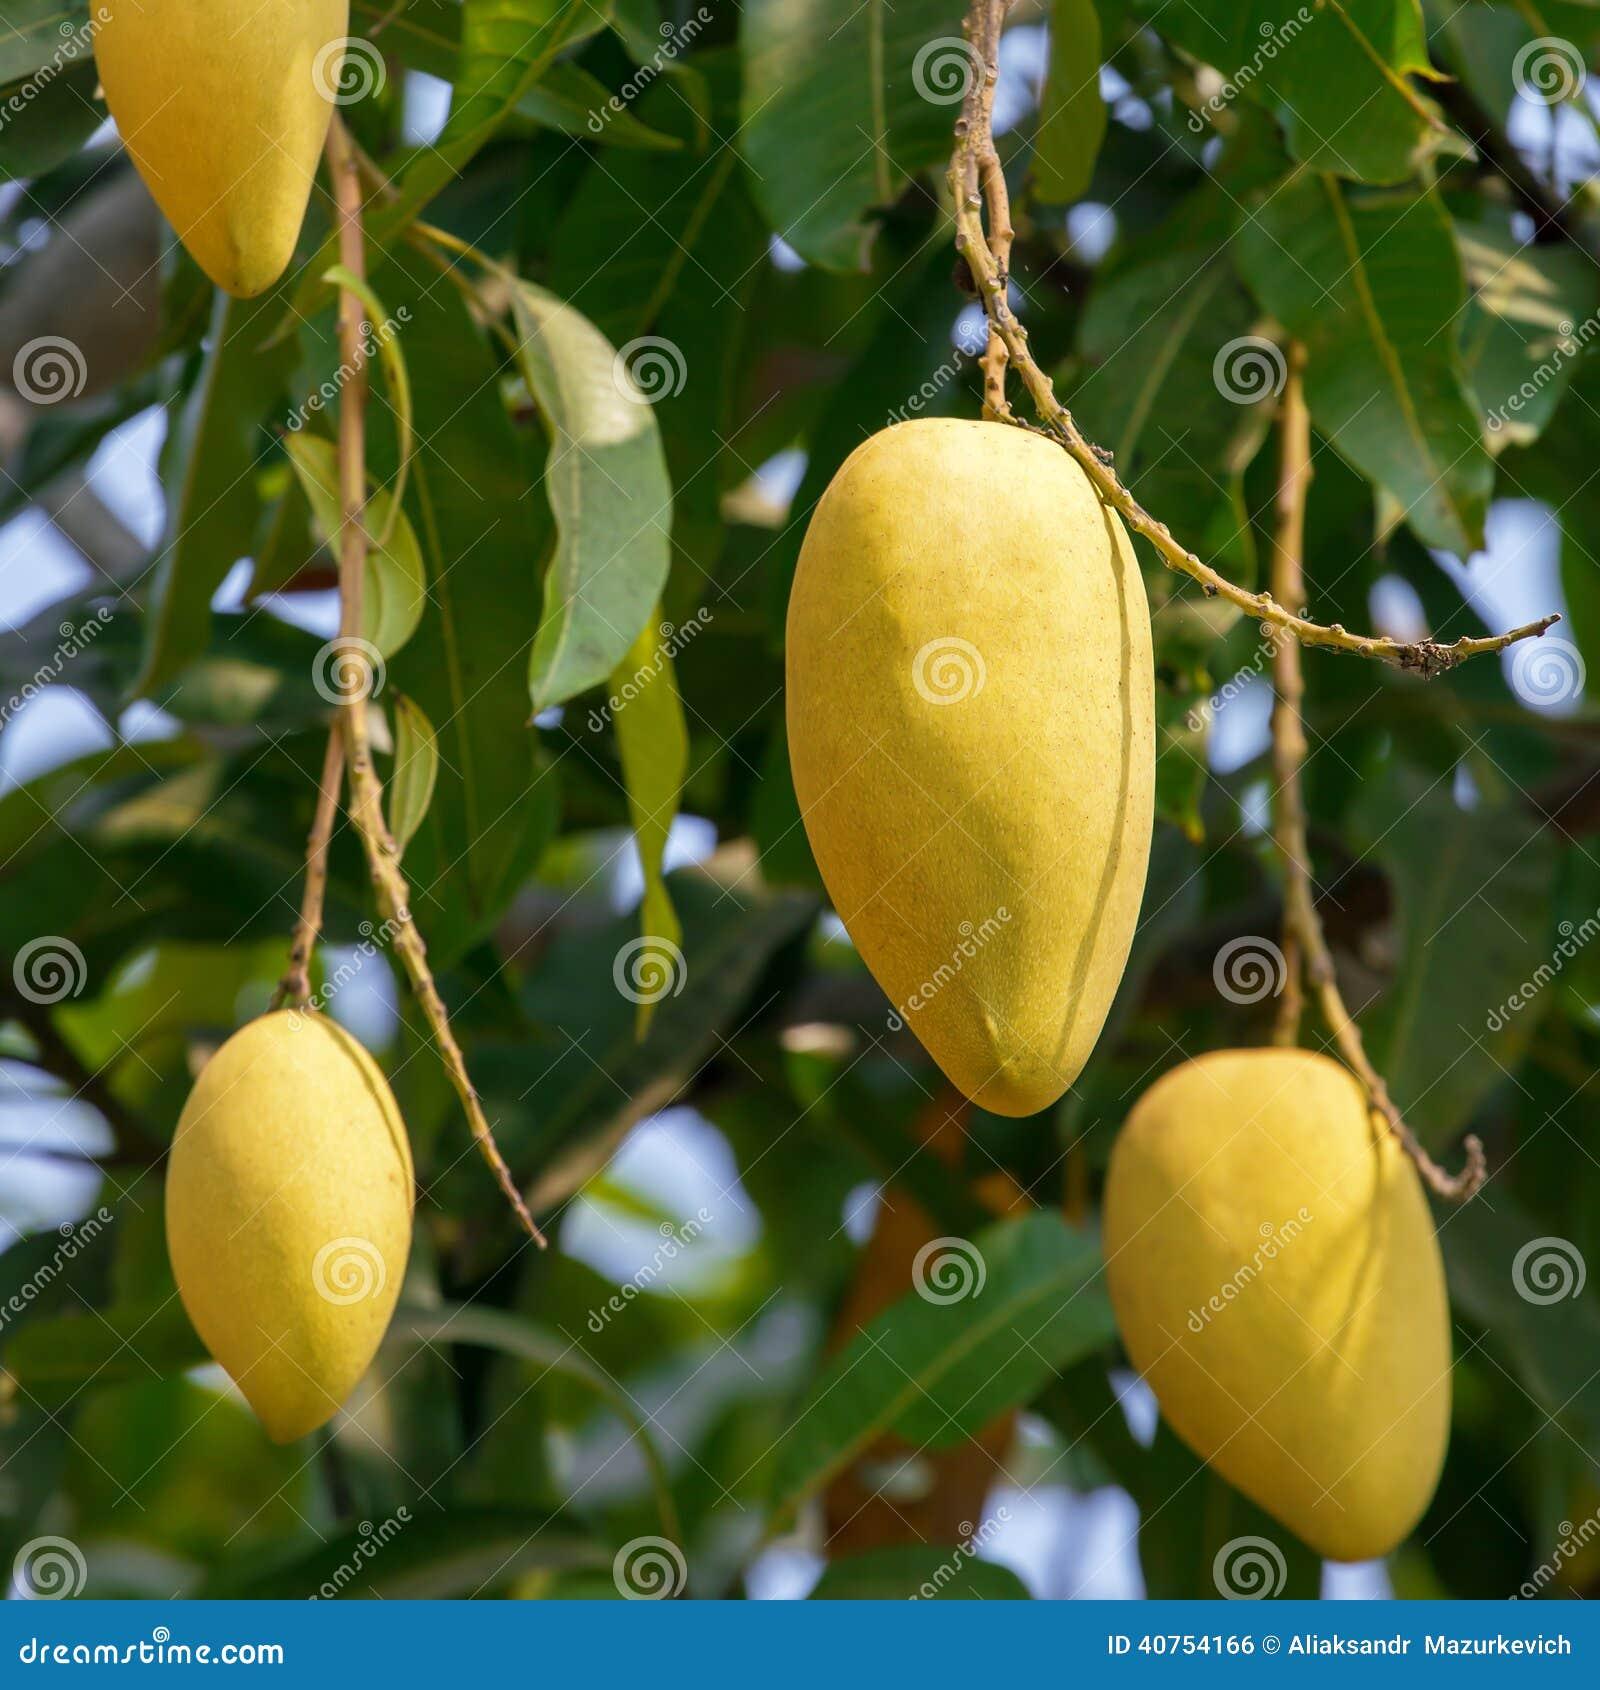 fruits de mangue sur un arbre photo stock image 40754166. Black Bedroom Furniture Sets. Home Design Ideas